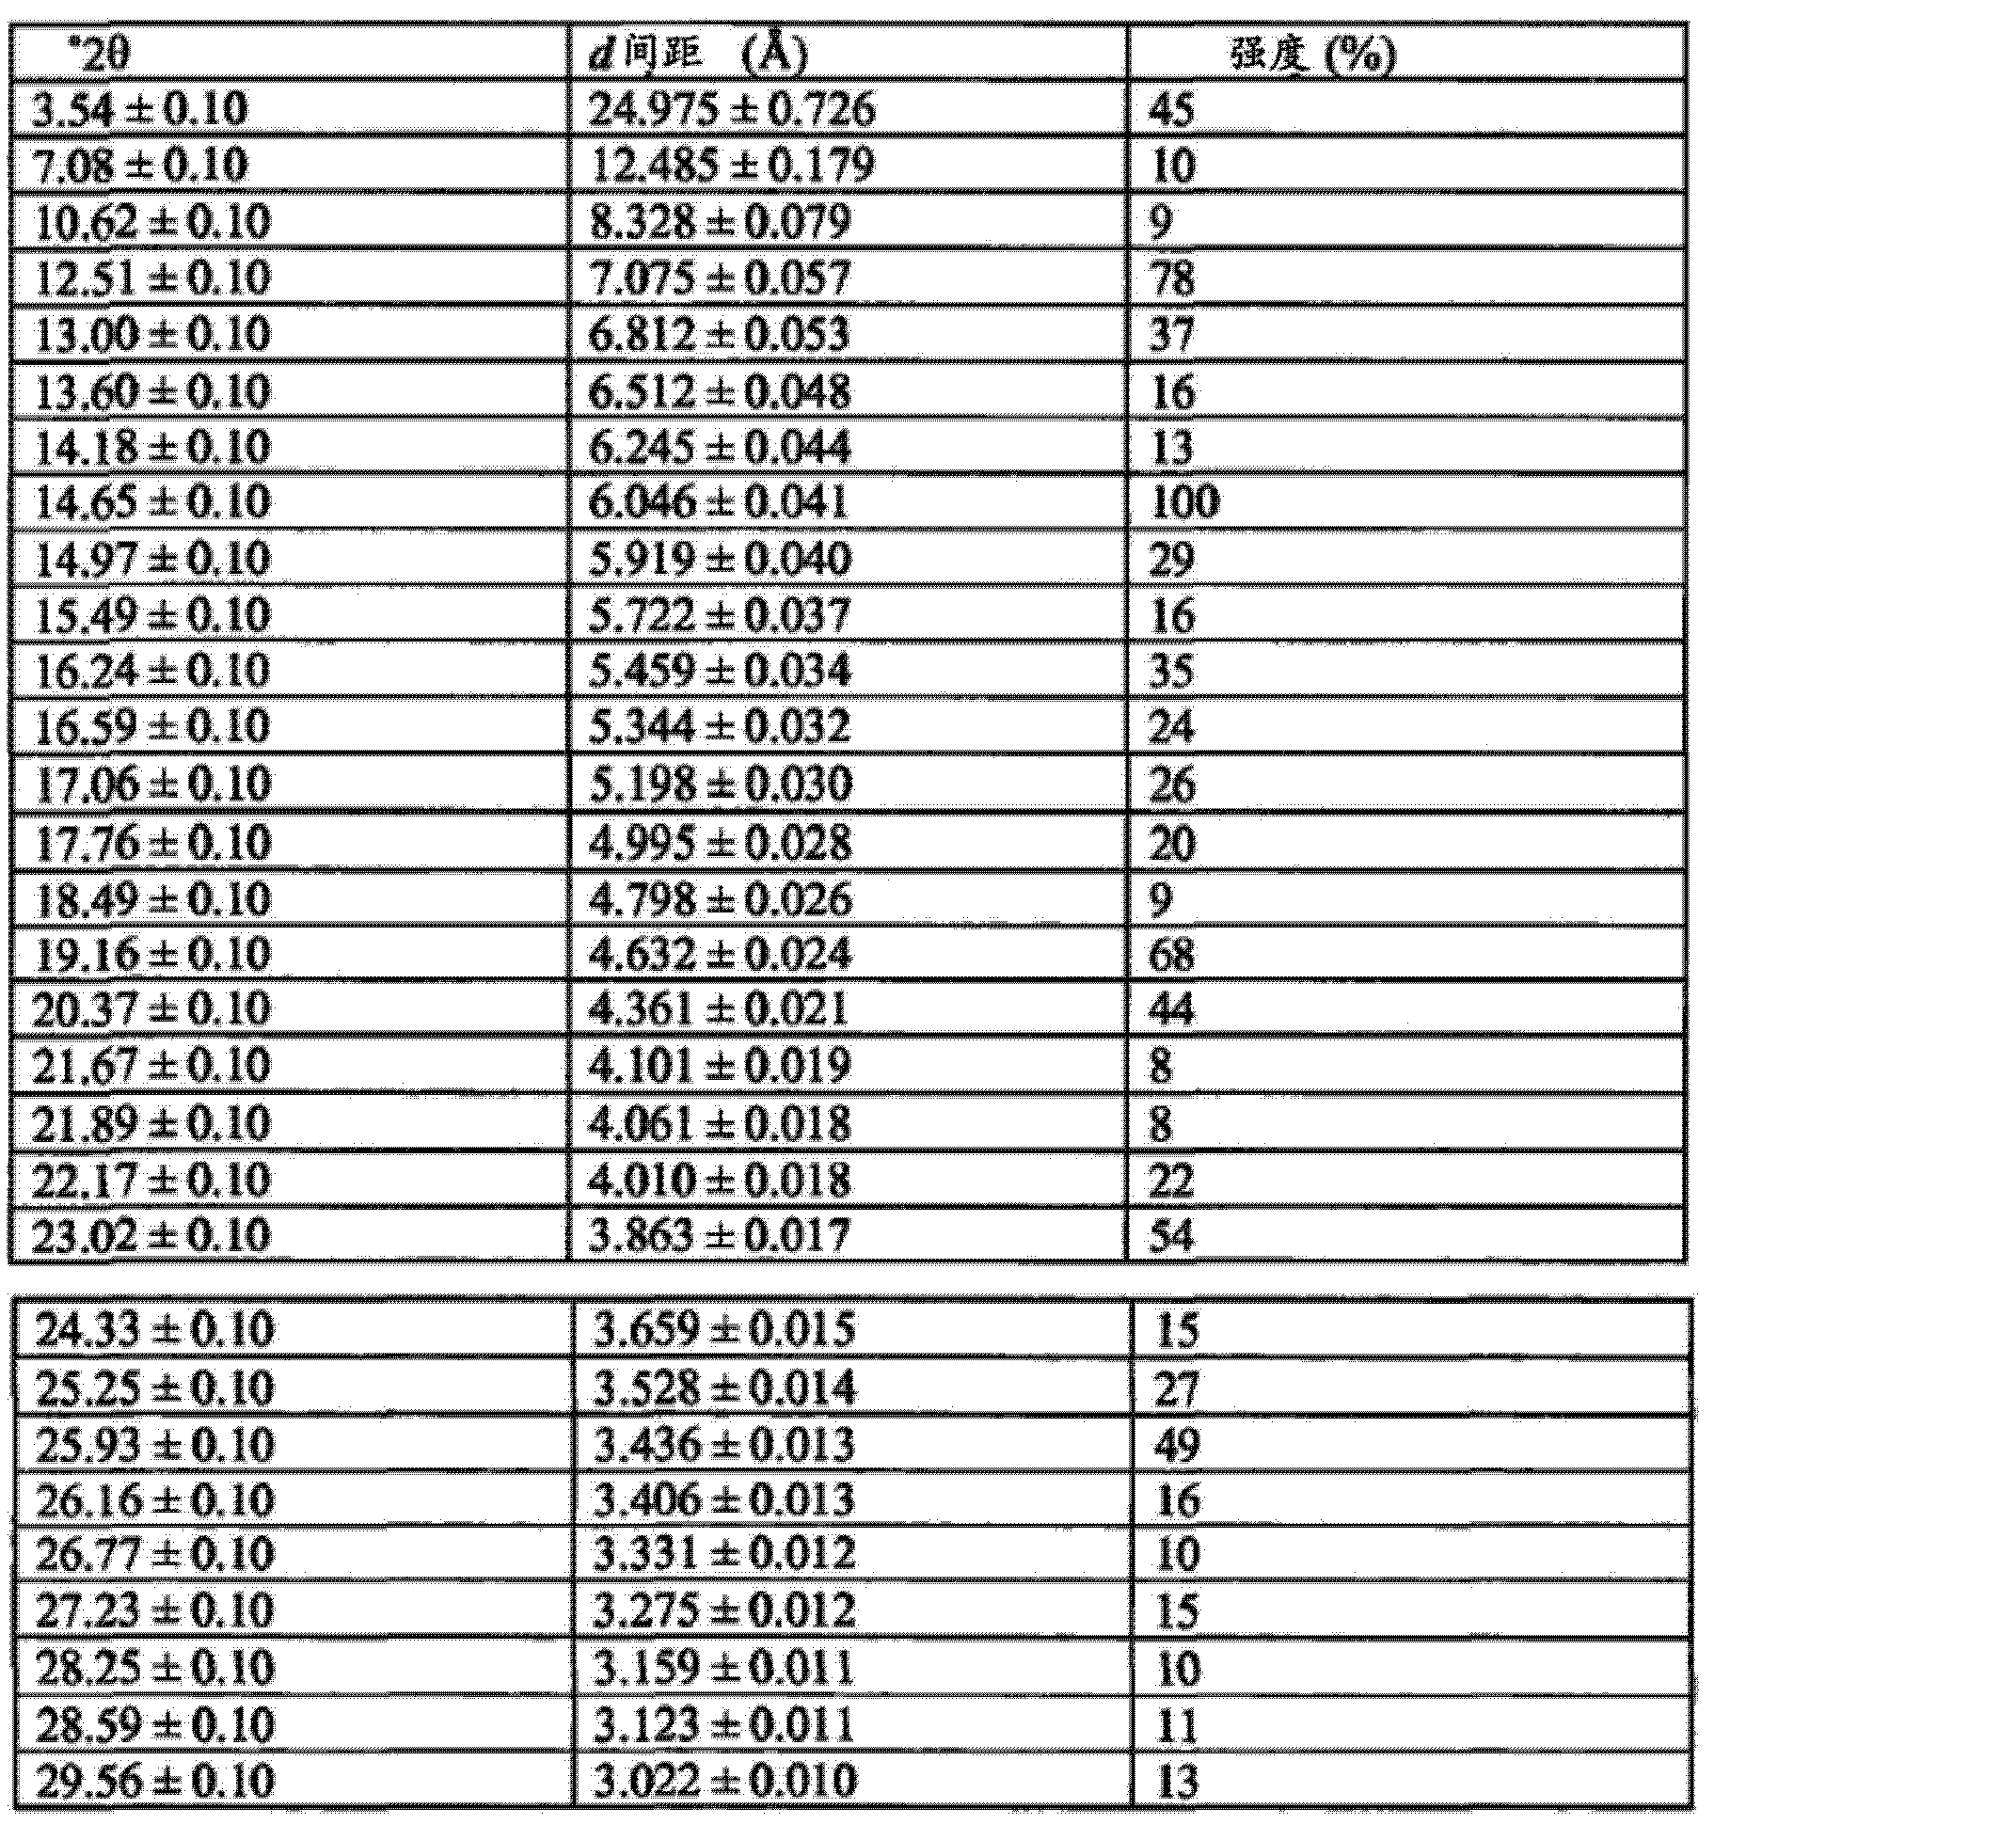 结晶形((R)  (E) -2- (4- (2- (5- (1- (3,5- 二氯卩比卩定 ~4~ 基)乙氧基)-1 H-吲唑-3-基)乙烯基)-1H-吡唑-1-基)乙醇及其作为FGFR抑制剂的用途[0001] 成纤维细胞生长因子(FGF)已被视为许多生理过程如在发育及血管发生期间的形态发生的重要介体。成纤维细胞生长因子受体(FGFR)家族由四个成员(FGFR1-FGFR4)组成,其为由细胞外免疫球蛋白(Ig)样结构域、疏水跨膜区和含有酪氨酸激酶结构域的细胞质部分构成的糖蛋白。FGF结合导致FGFR 二聚